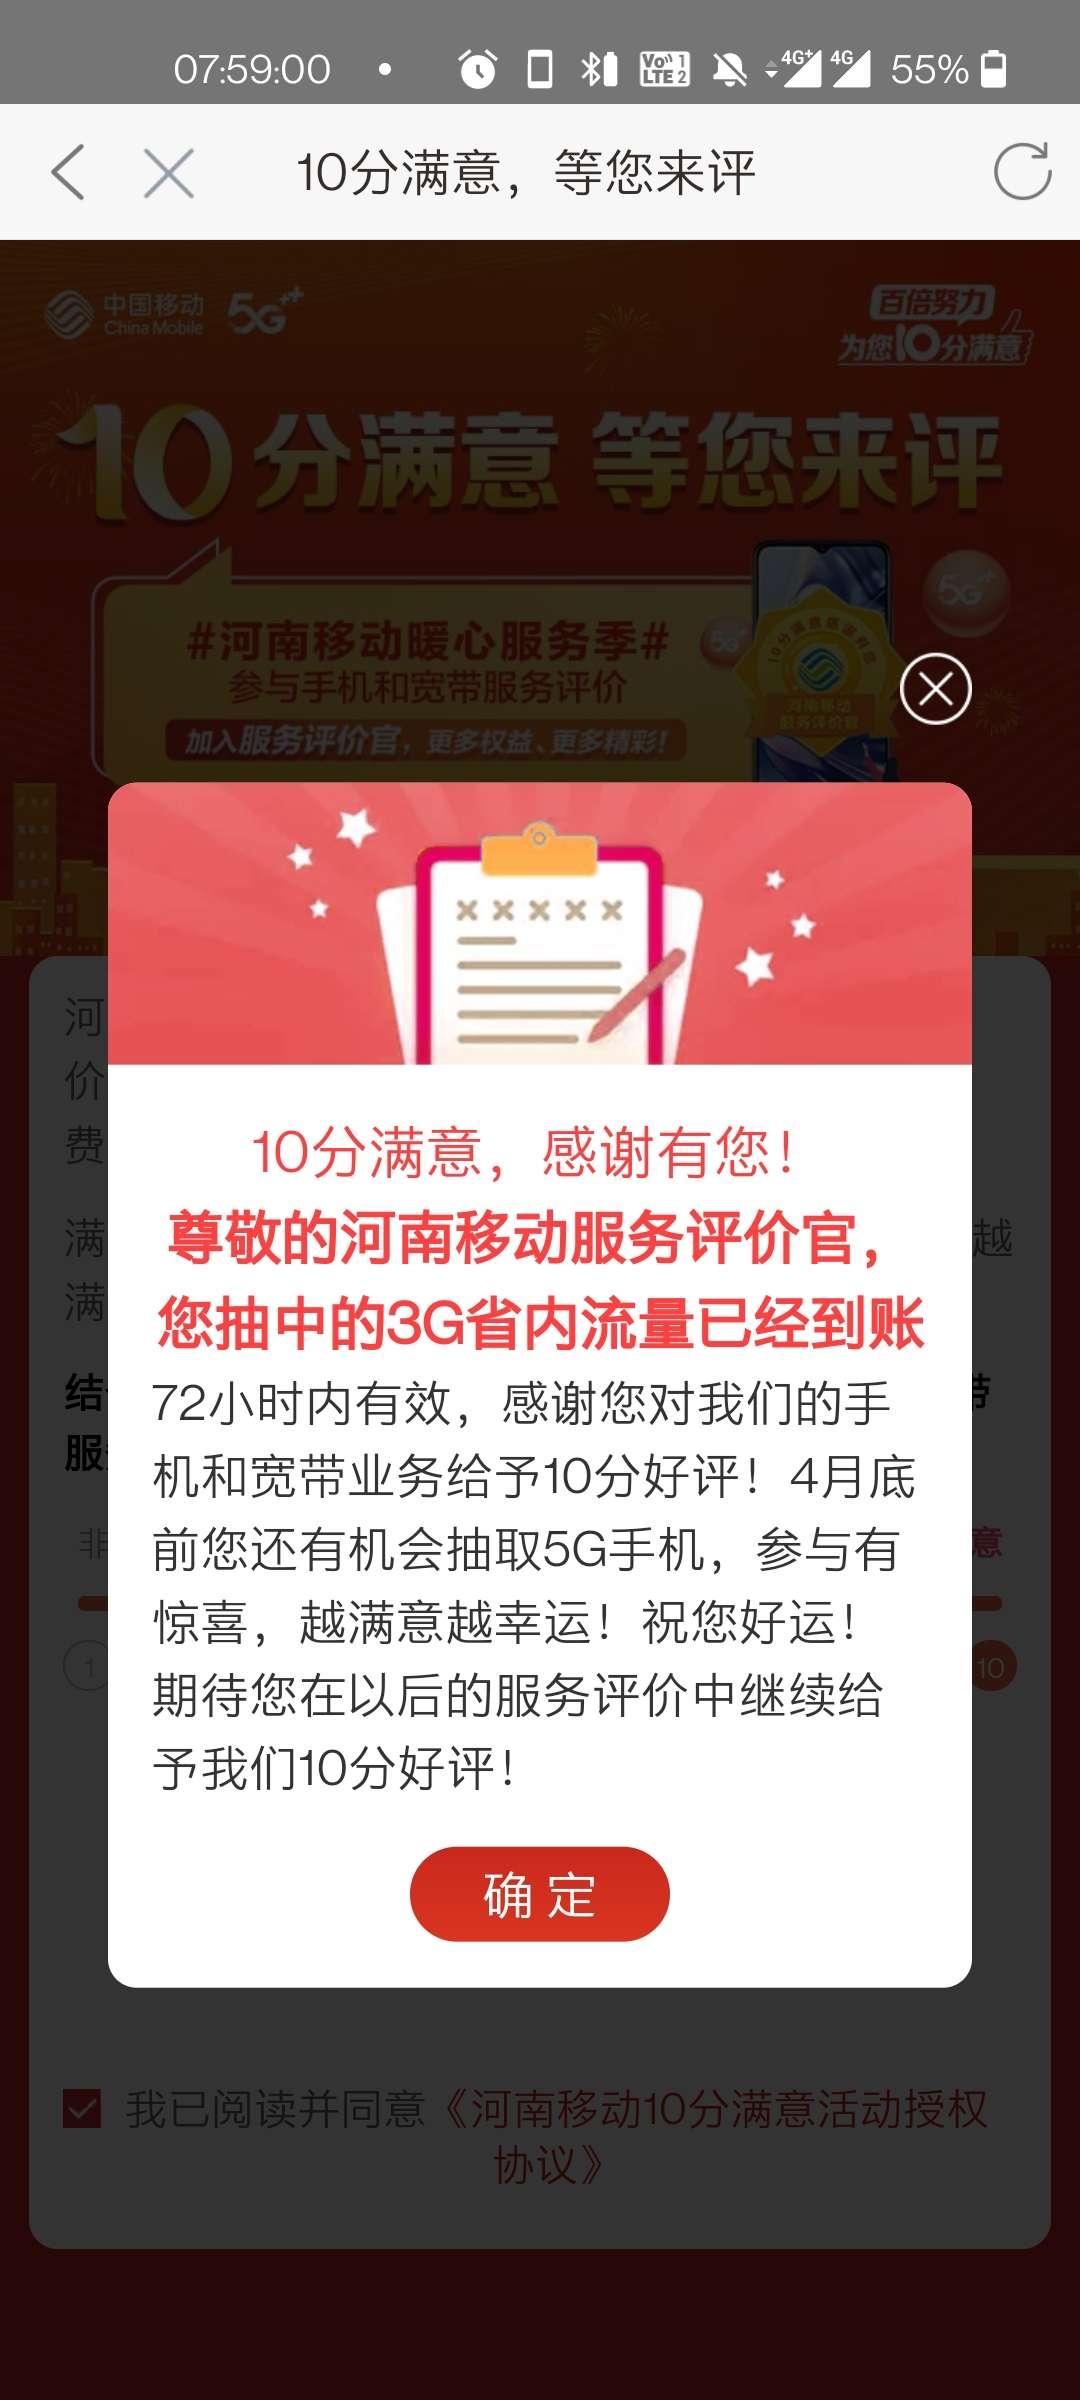 中国移动3G省内流量